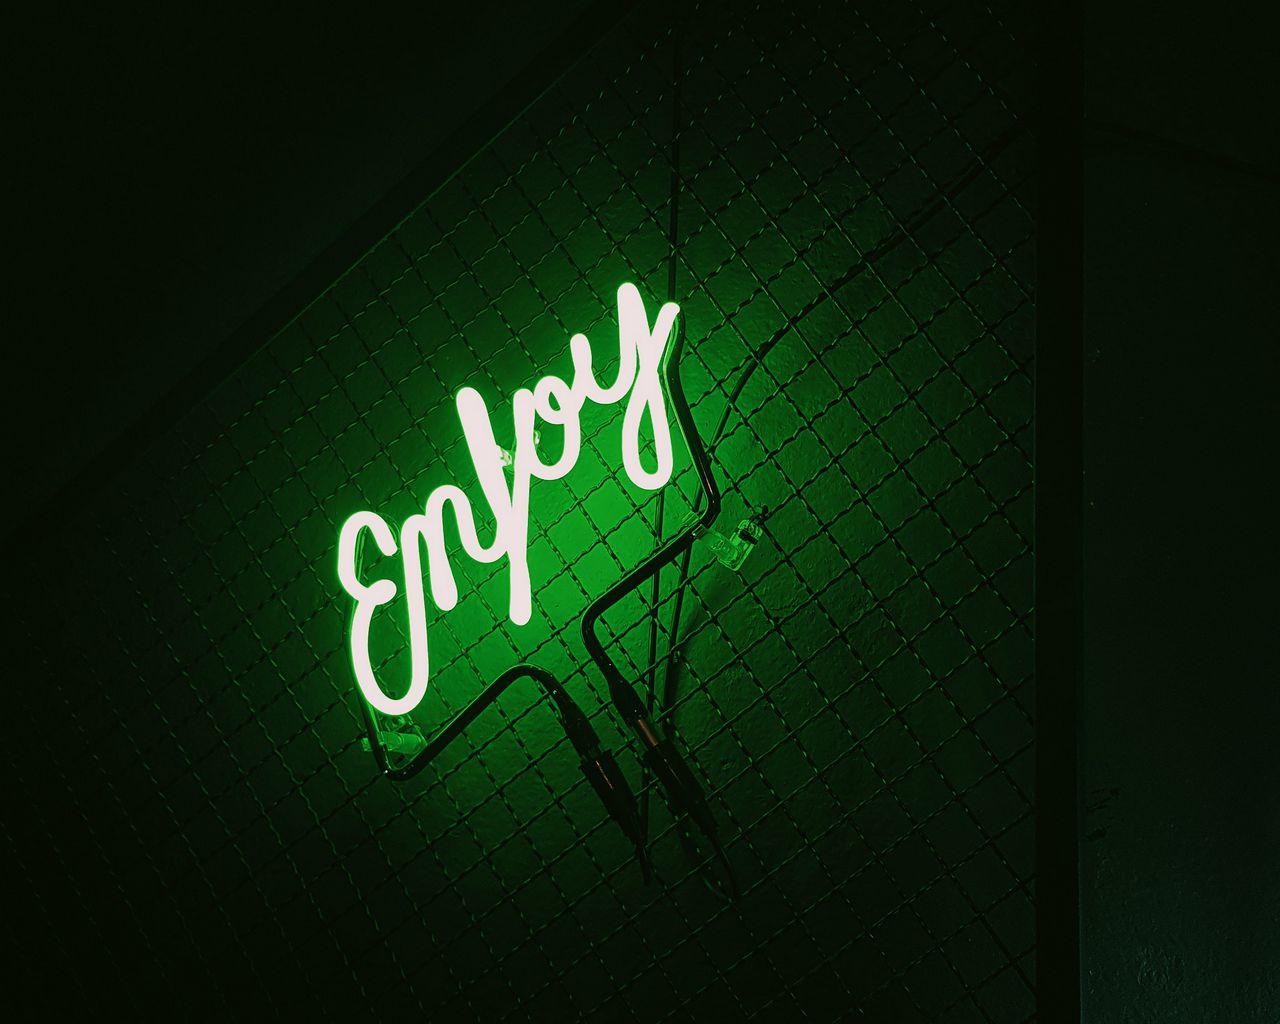 1280x1024 Wallpaper inscription, neon, backlight, green, dark